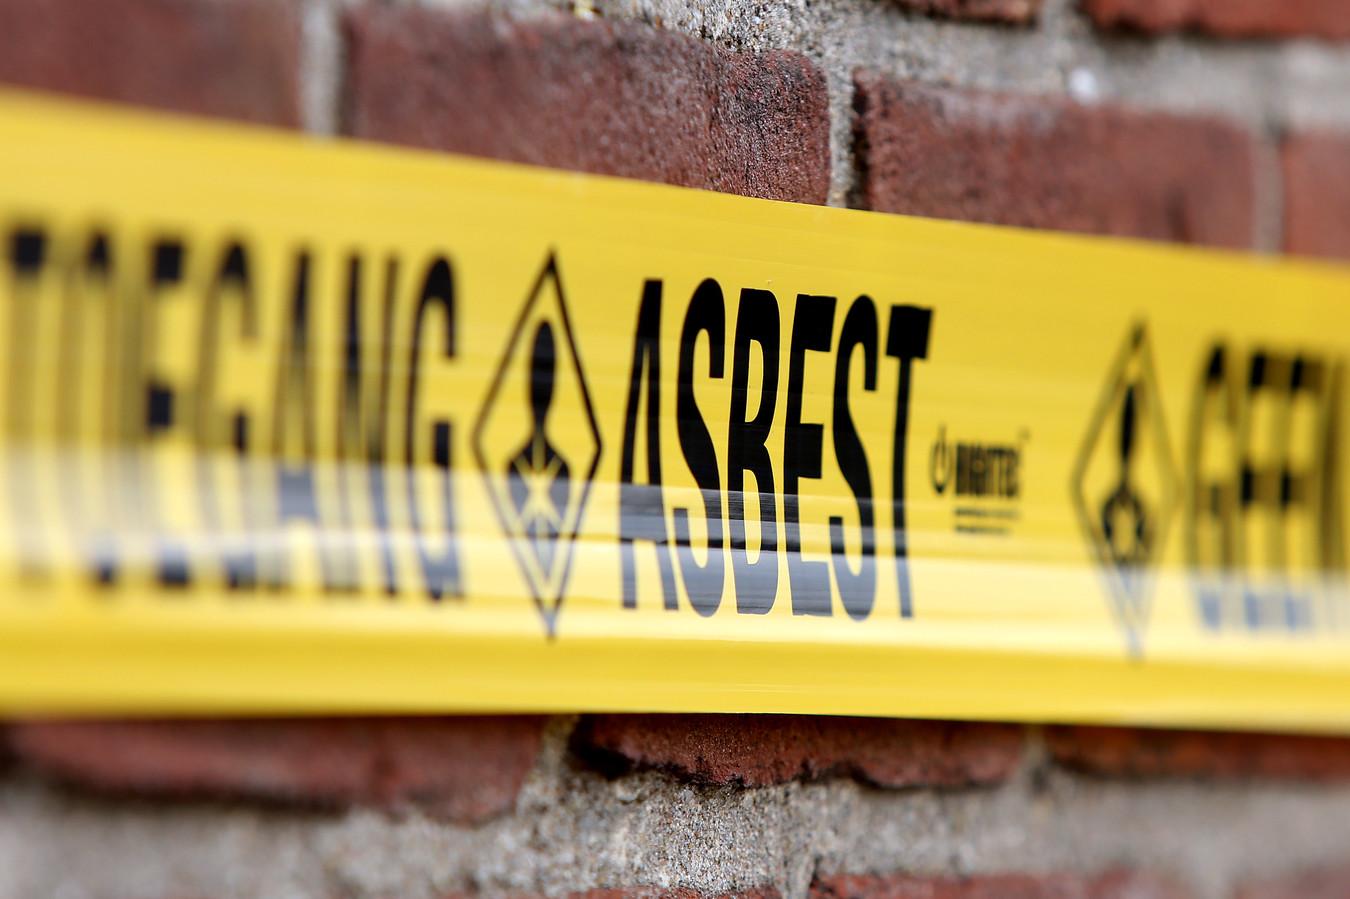 Behalve asbest werd een loodverontreiniging aangetroffen. In het grondwater bleek arseen te zitten.